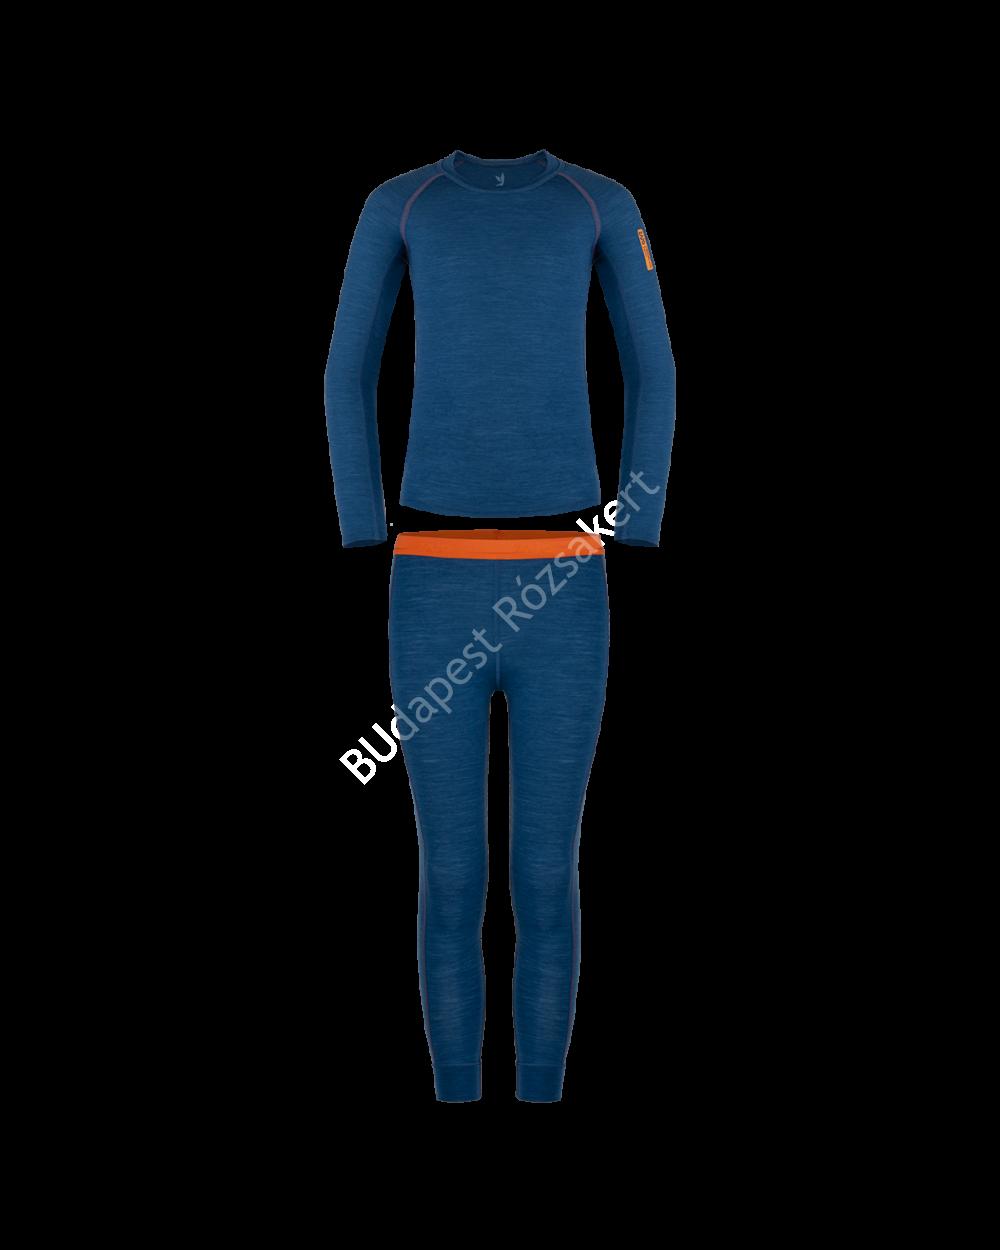 Zajo Elf Kids Merino gyerek merinói gyapjú aláöltözet szett, poseidon blue, 86-92 cm